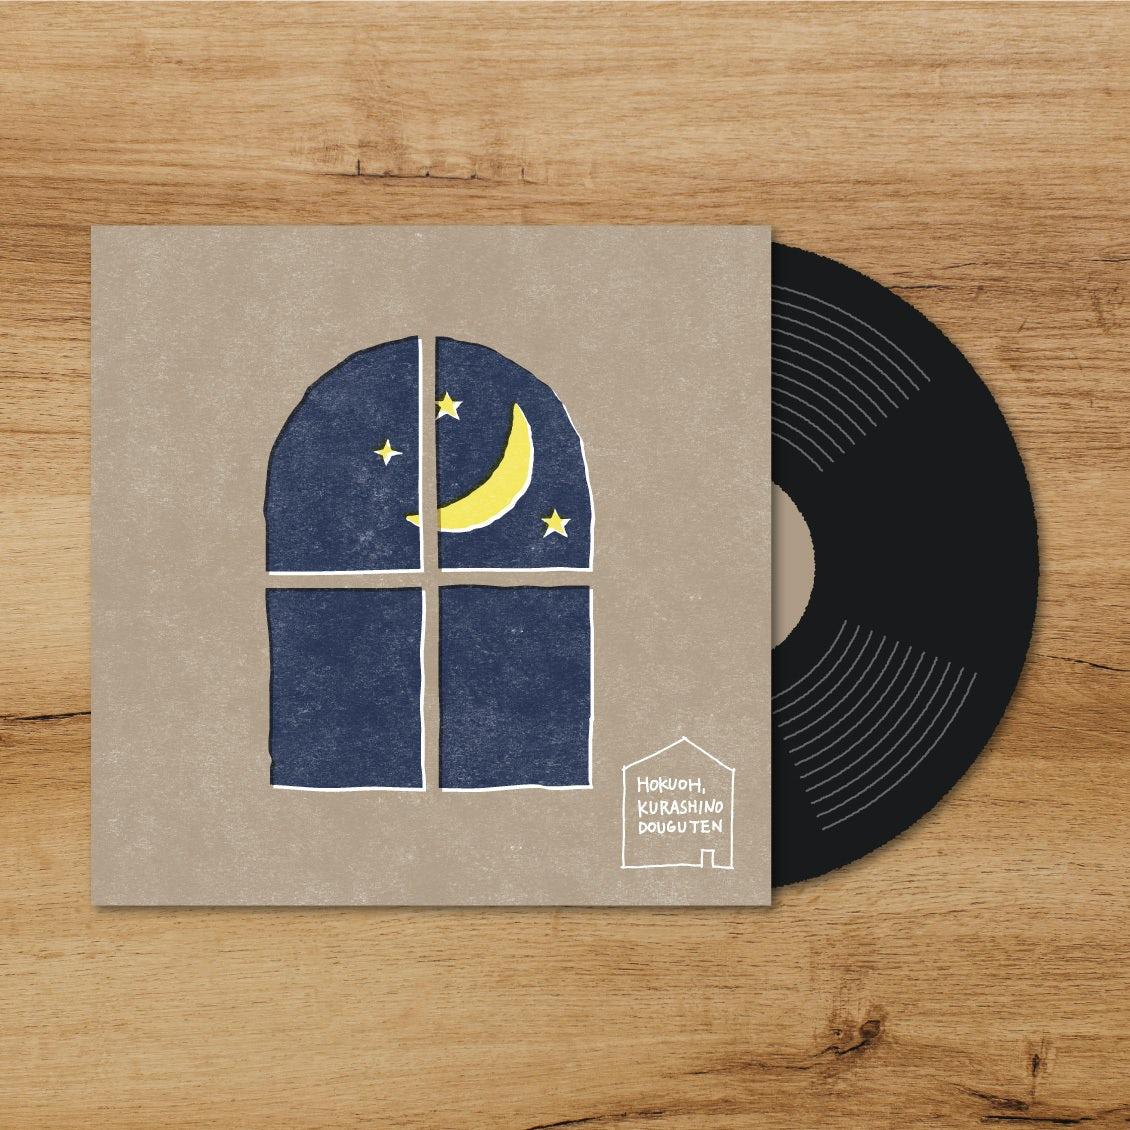 【日常に音楽を】夜更けのリラックスに。「夜ふかしのおとも」プレイリストを更新しました